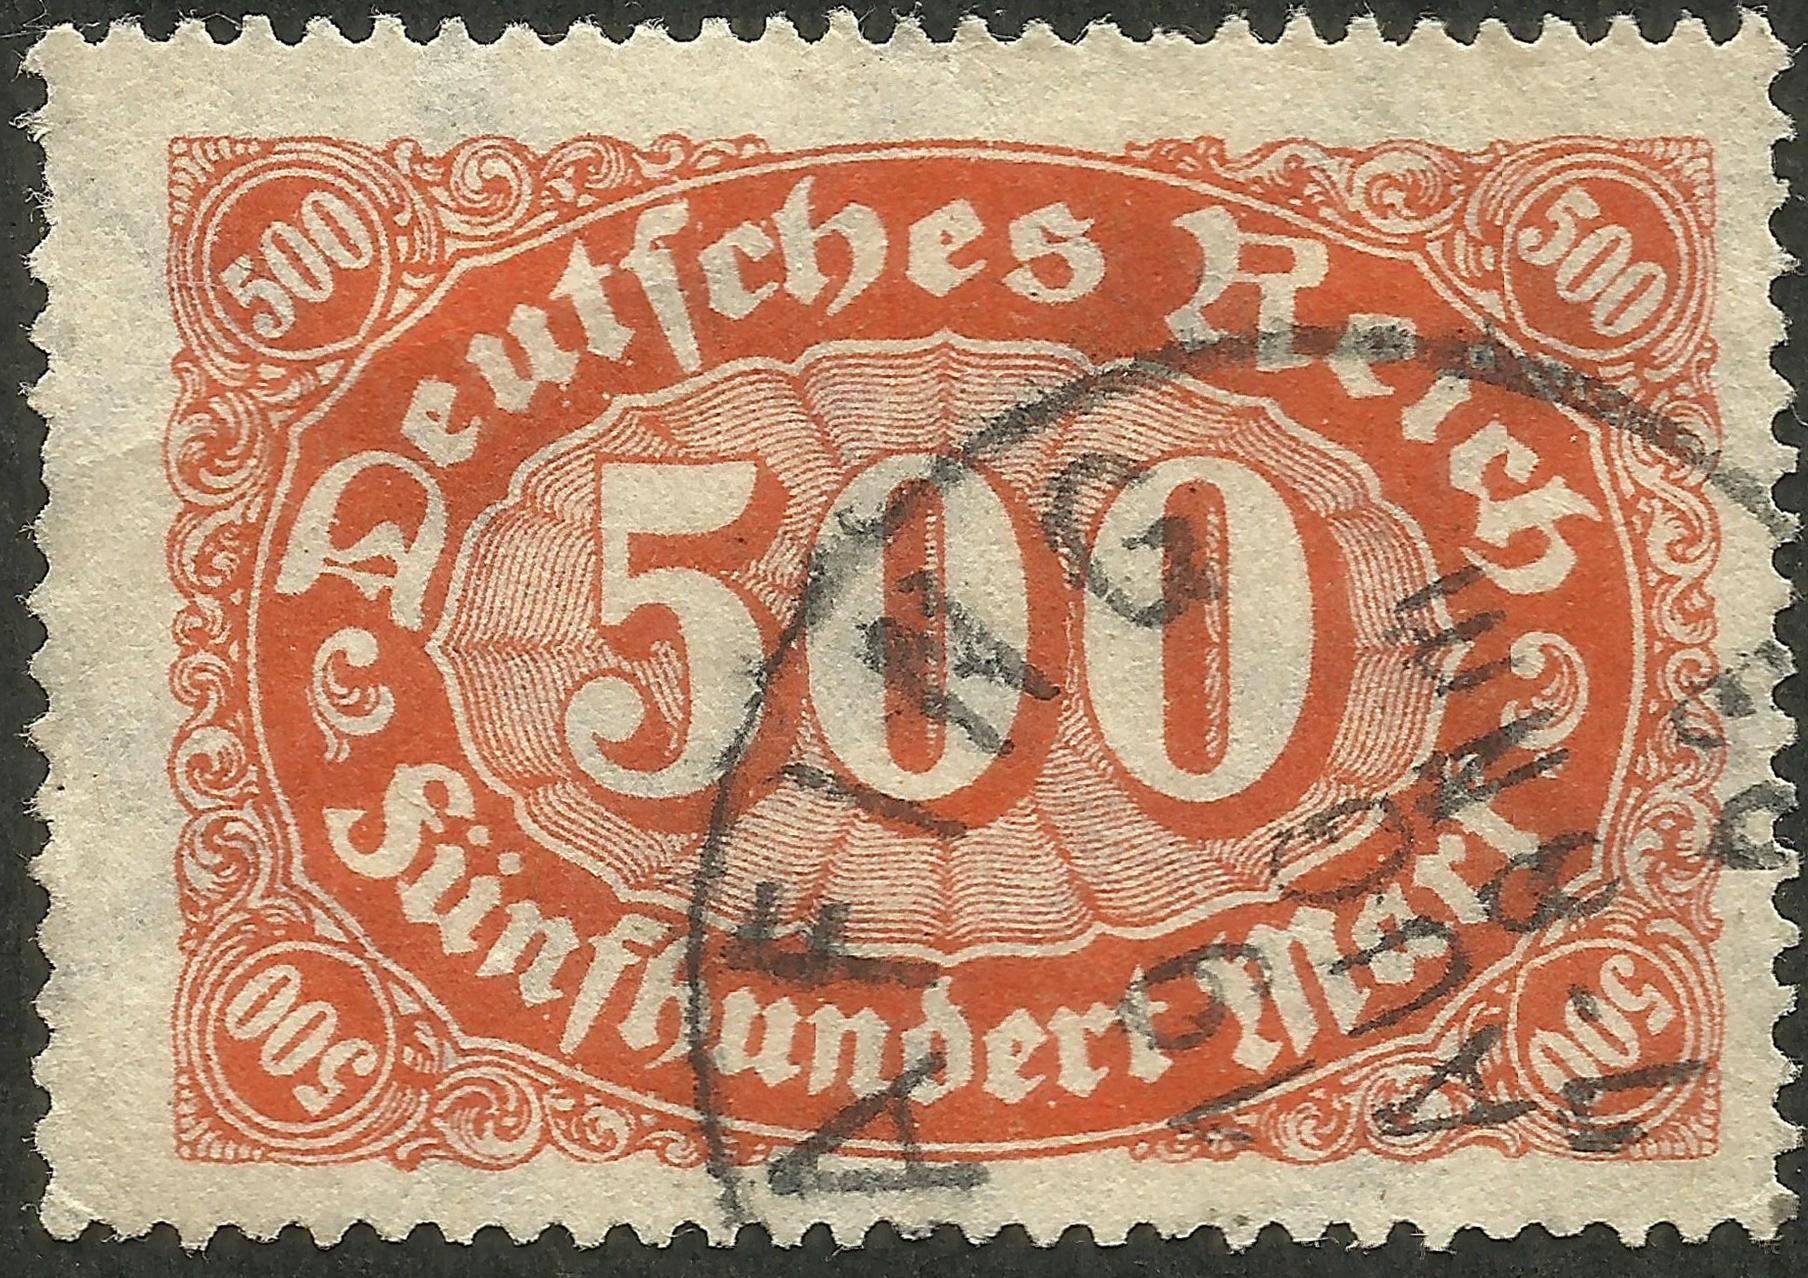 Germany - Scott #203 (1923)